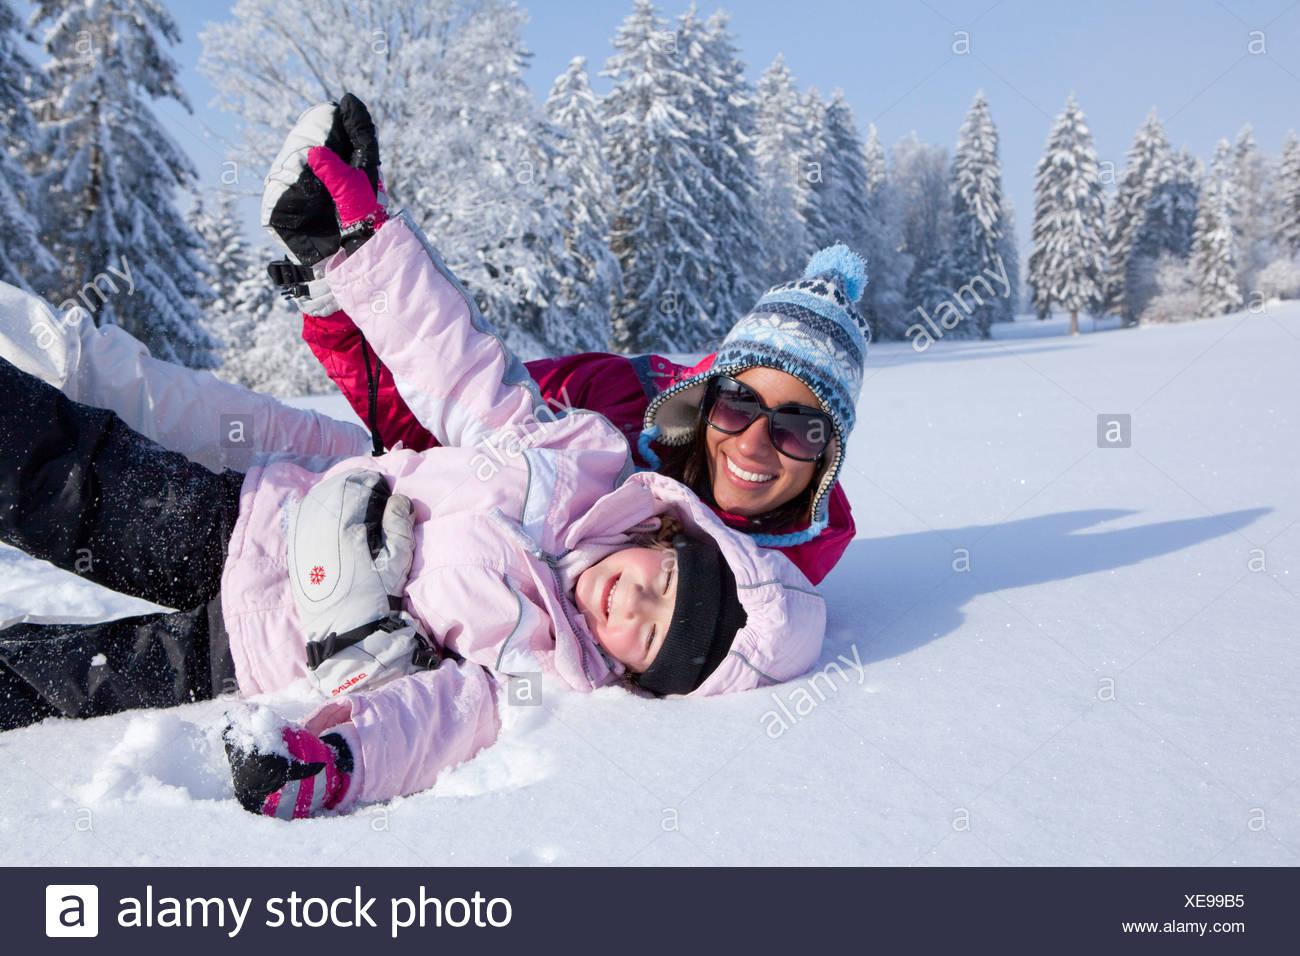 La familia, los deportes de invierno, Jura, invierno, cantón, JU, Jura, familia, niños, niños, Suiza, Europa, madre, diversión Saignelegier Imagen De Stock